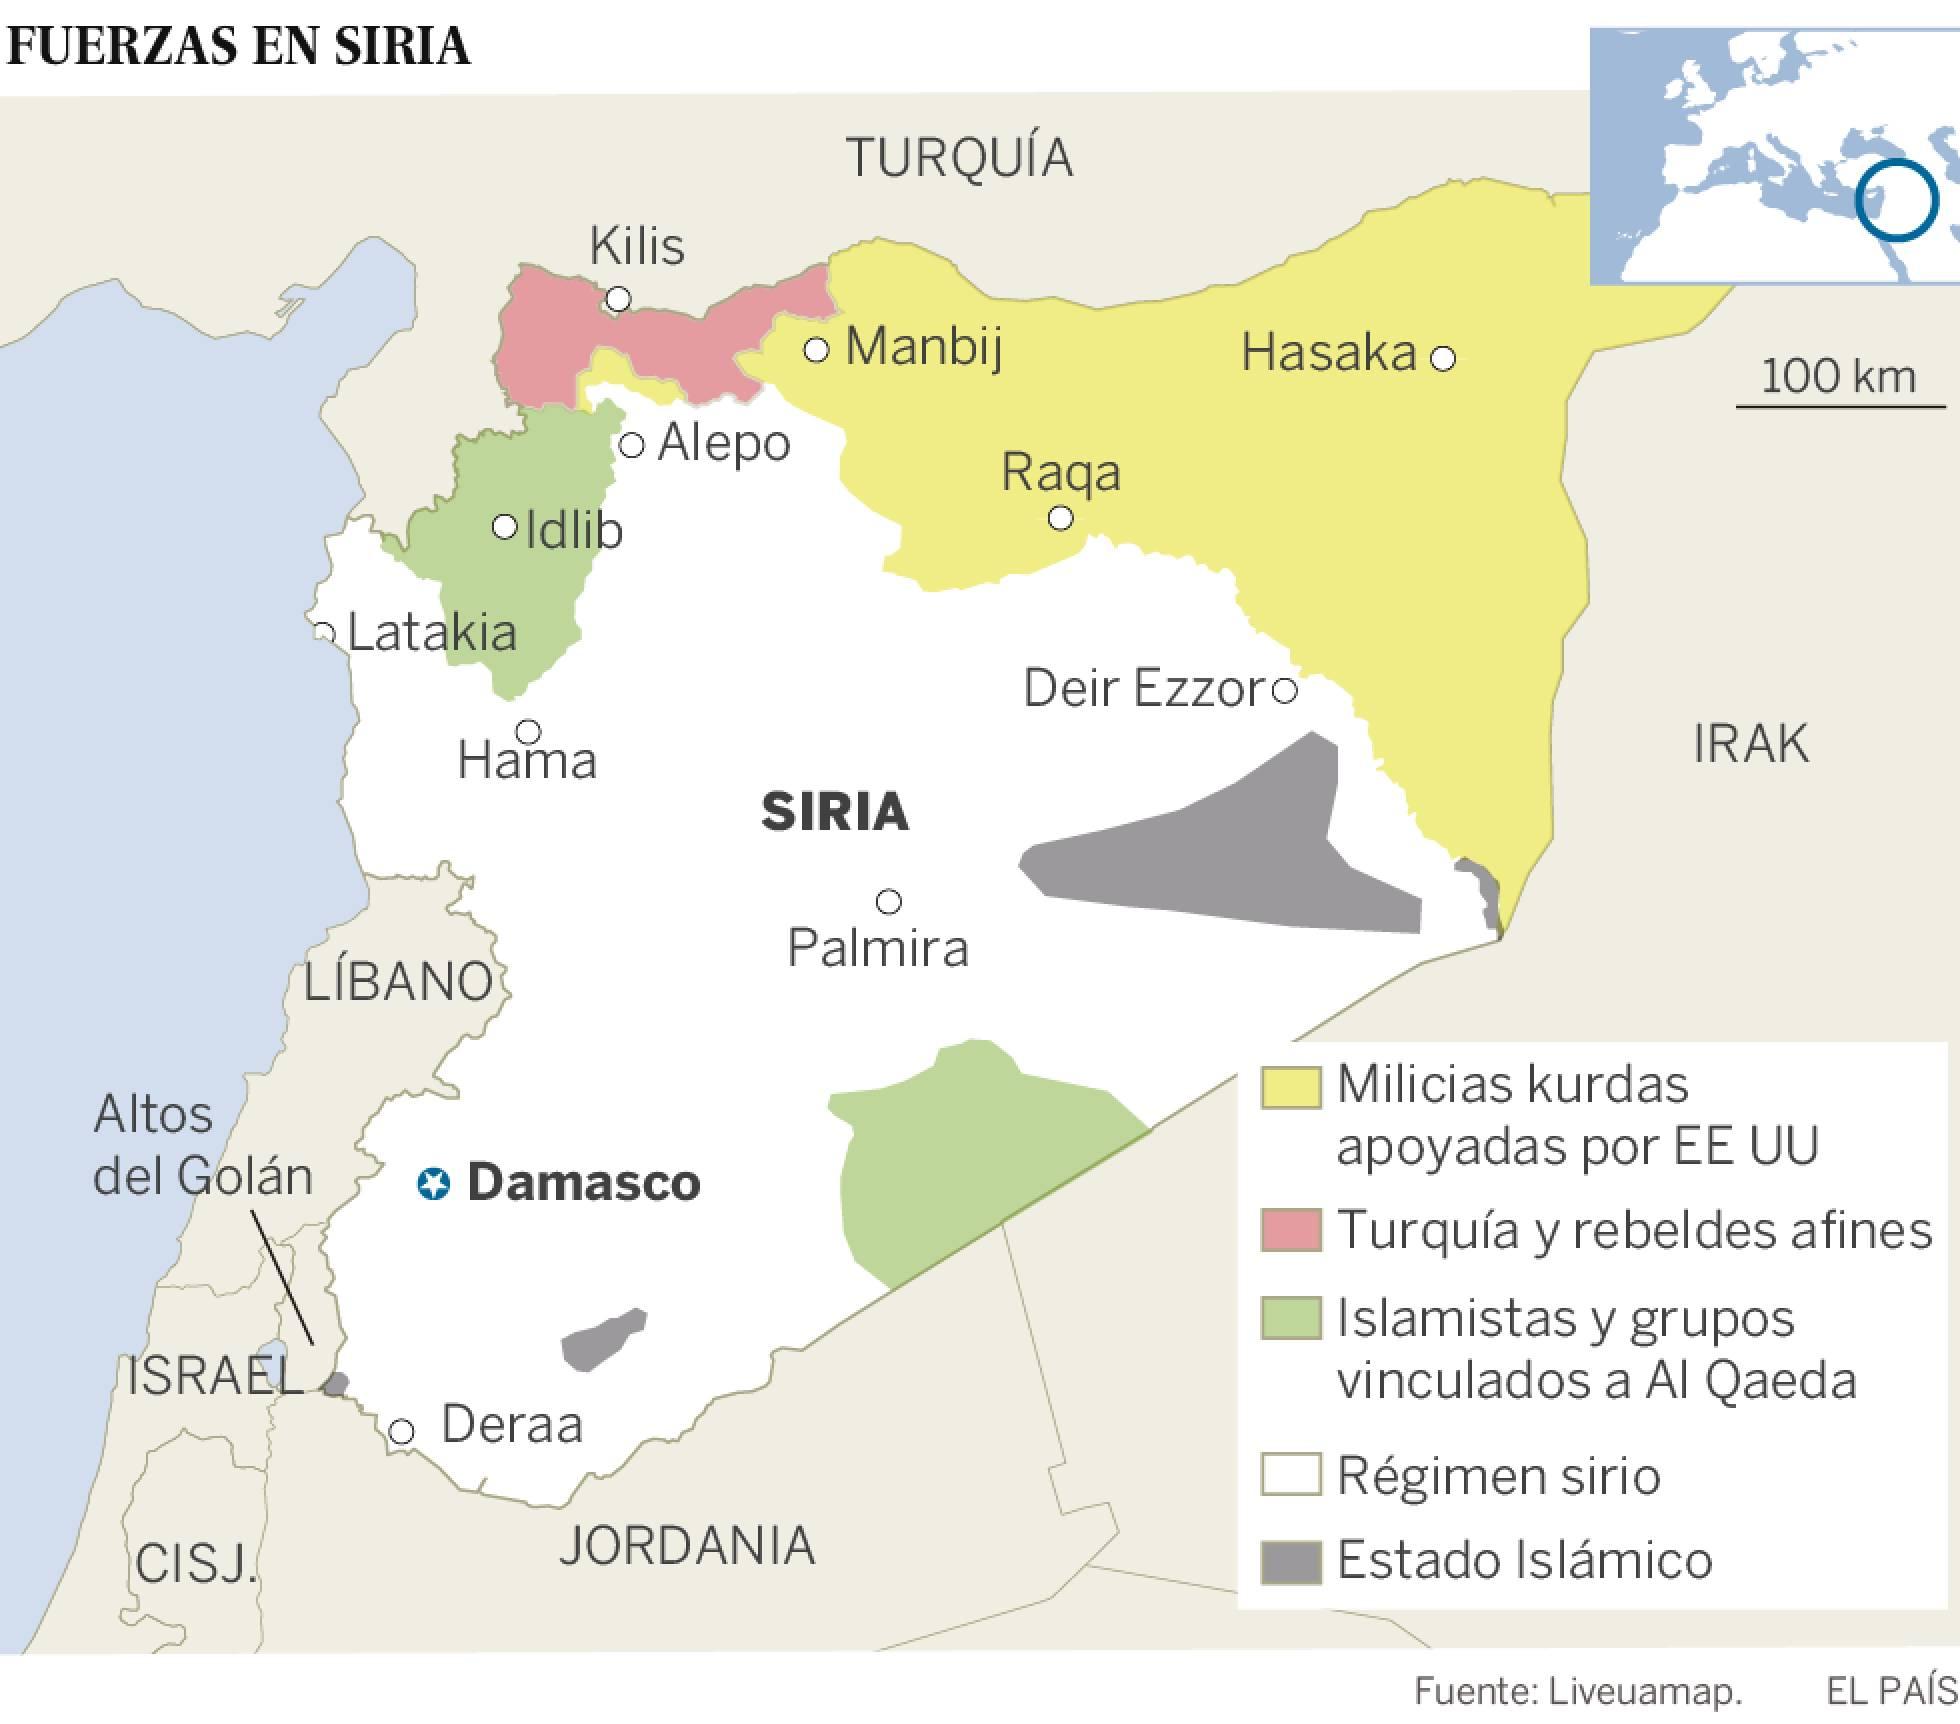 Revolucion en Siria. - Página 9 1532700707_964980_1532715513_sumario_normal_recorte1